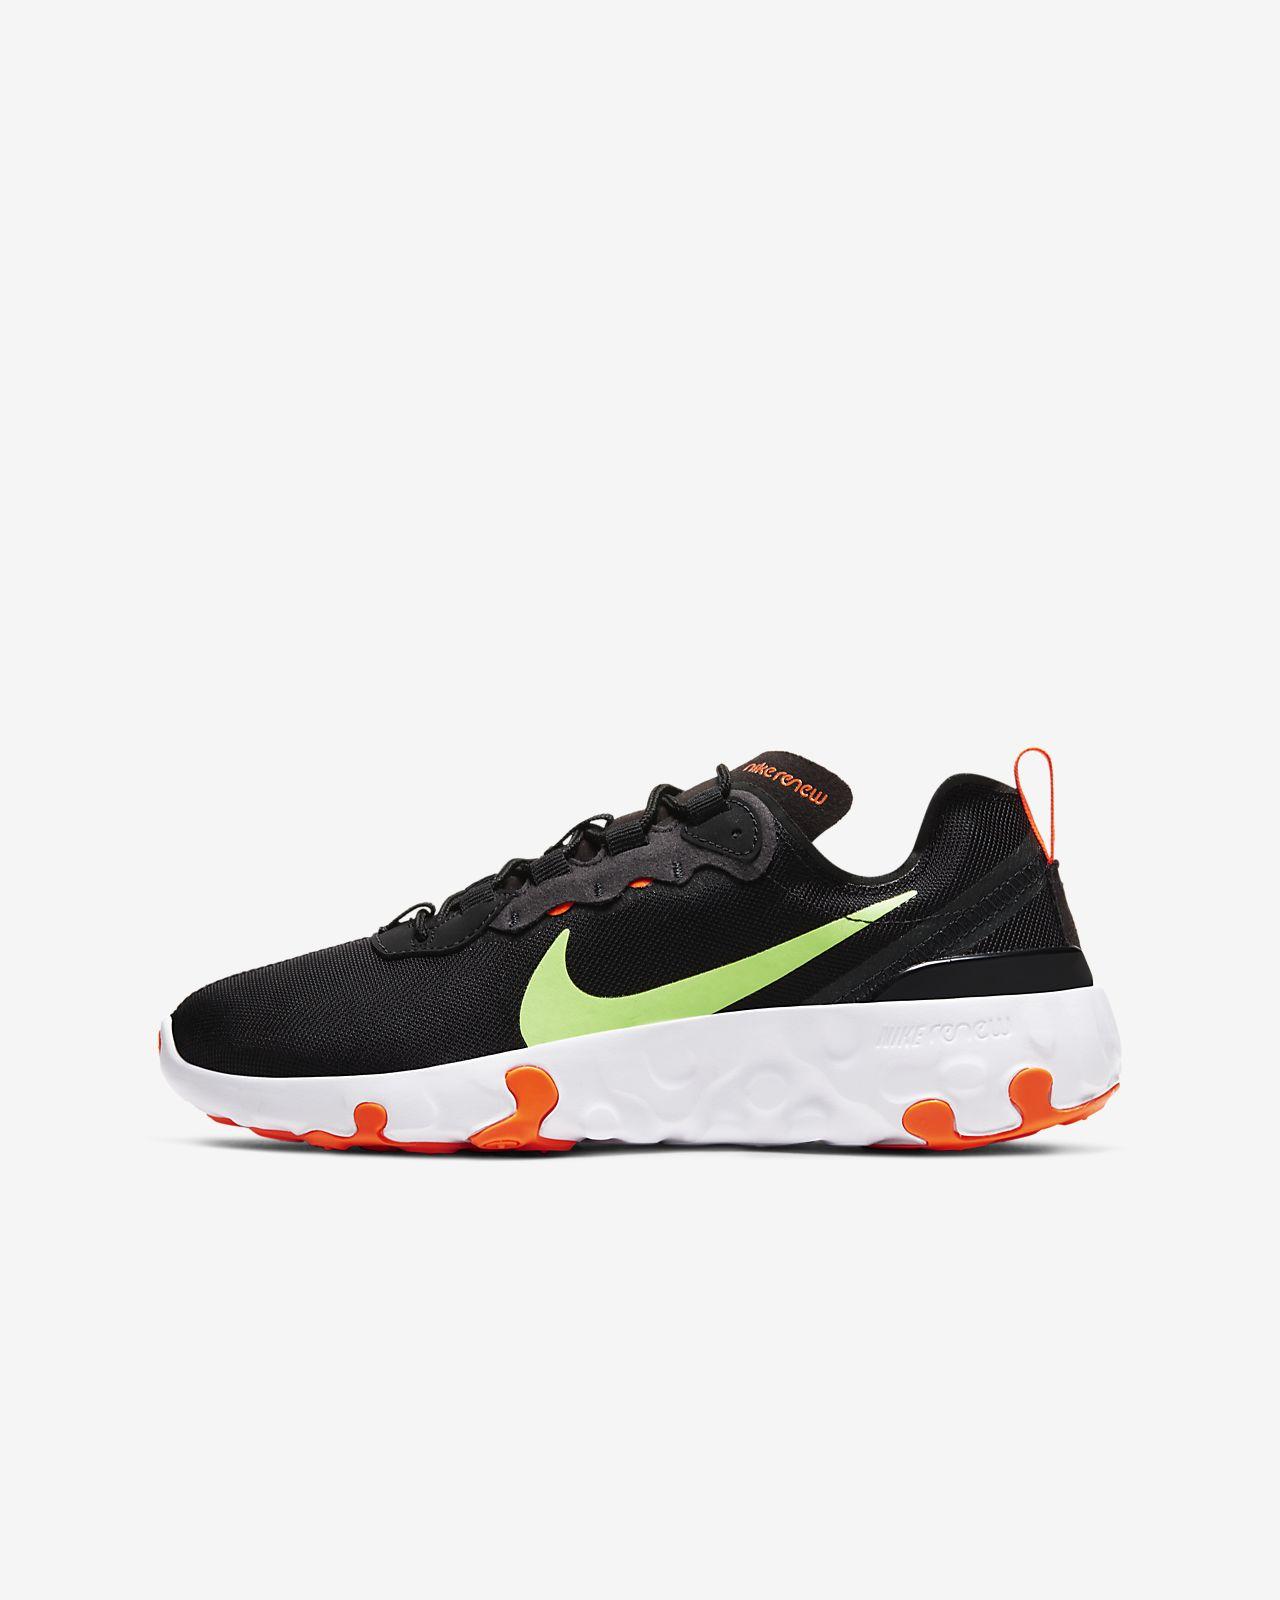 NIKE AIR MAX 95 PRM sneakers total orange size: 30 0 (Nike)